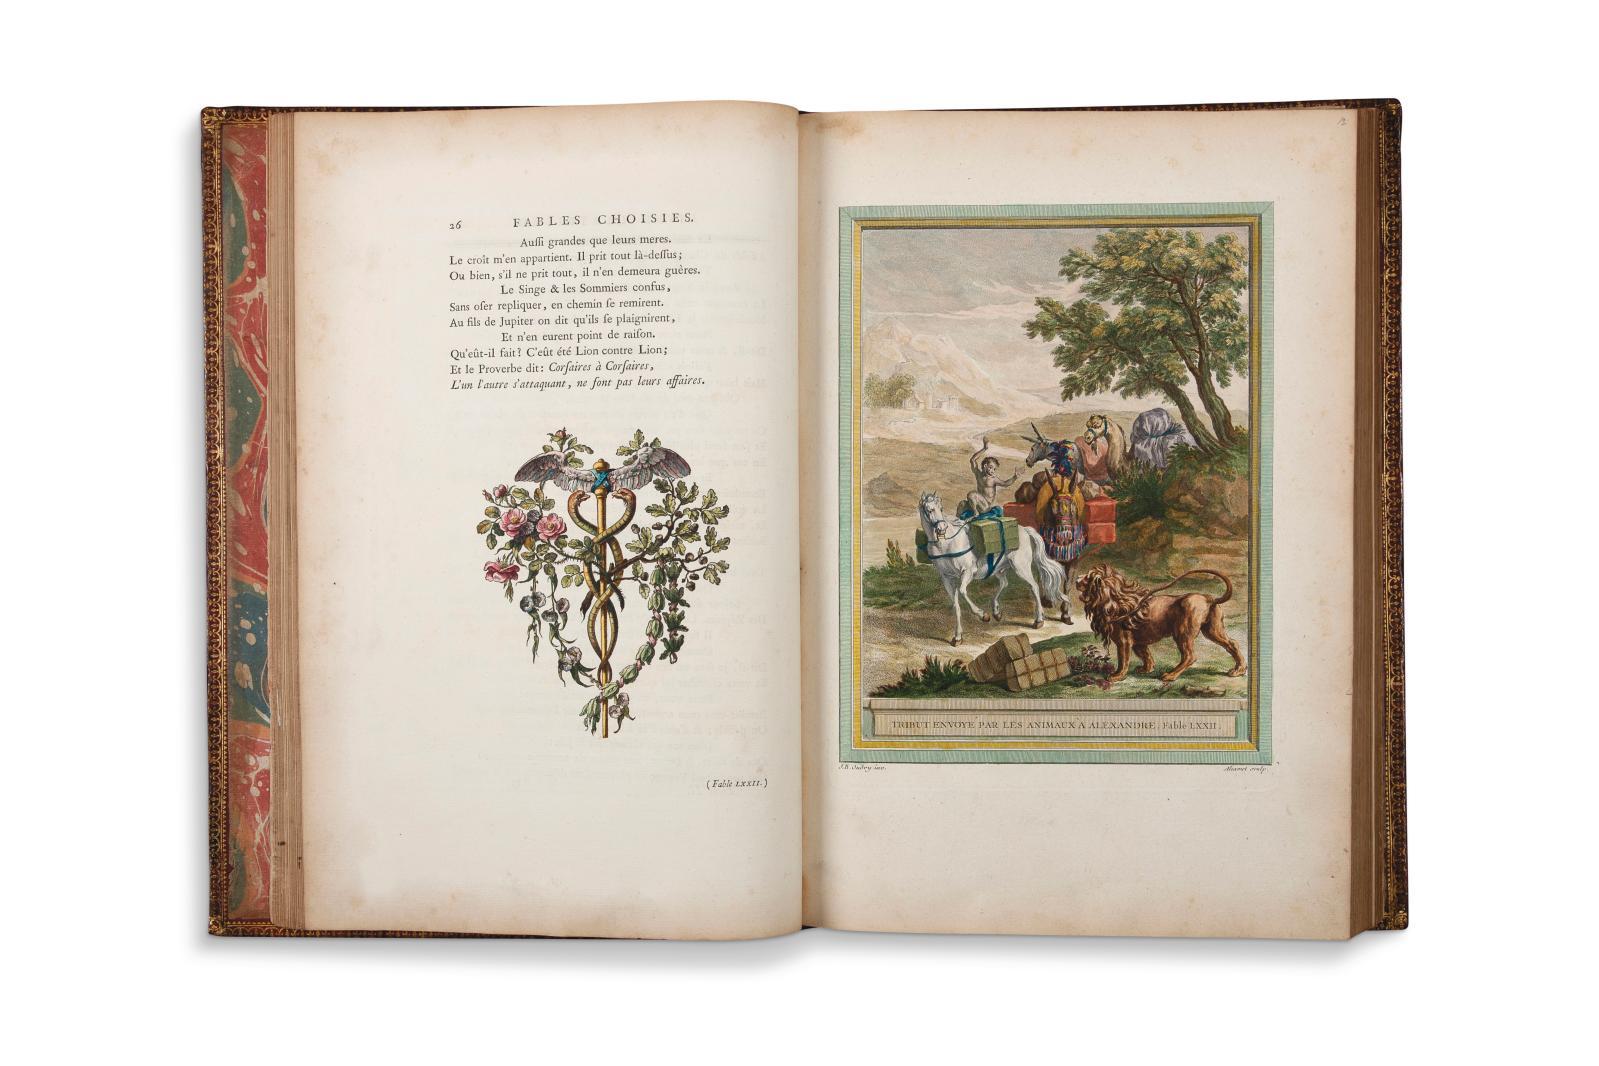 Jean de La Fontaine (1621-1695), Jean-Baptiste Oudry (1686-1755), Fables choisies, Paris, Chez Desaint &Saillant, Durand, de l'Imprimerie de Charles-